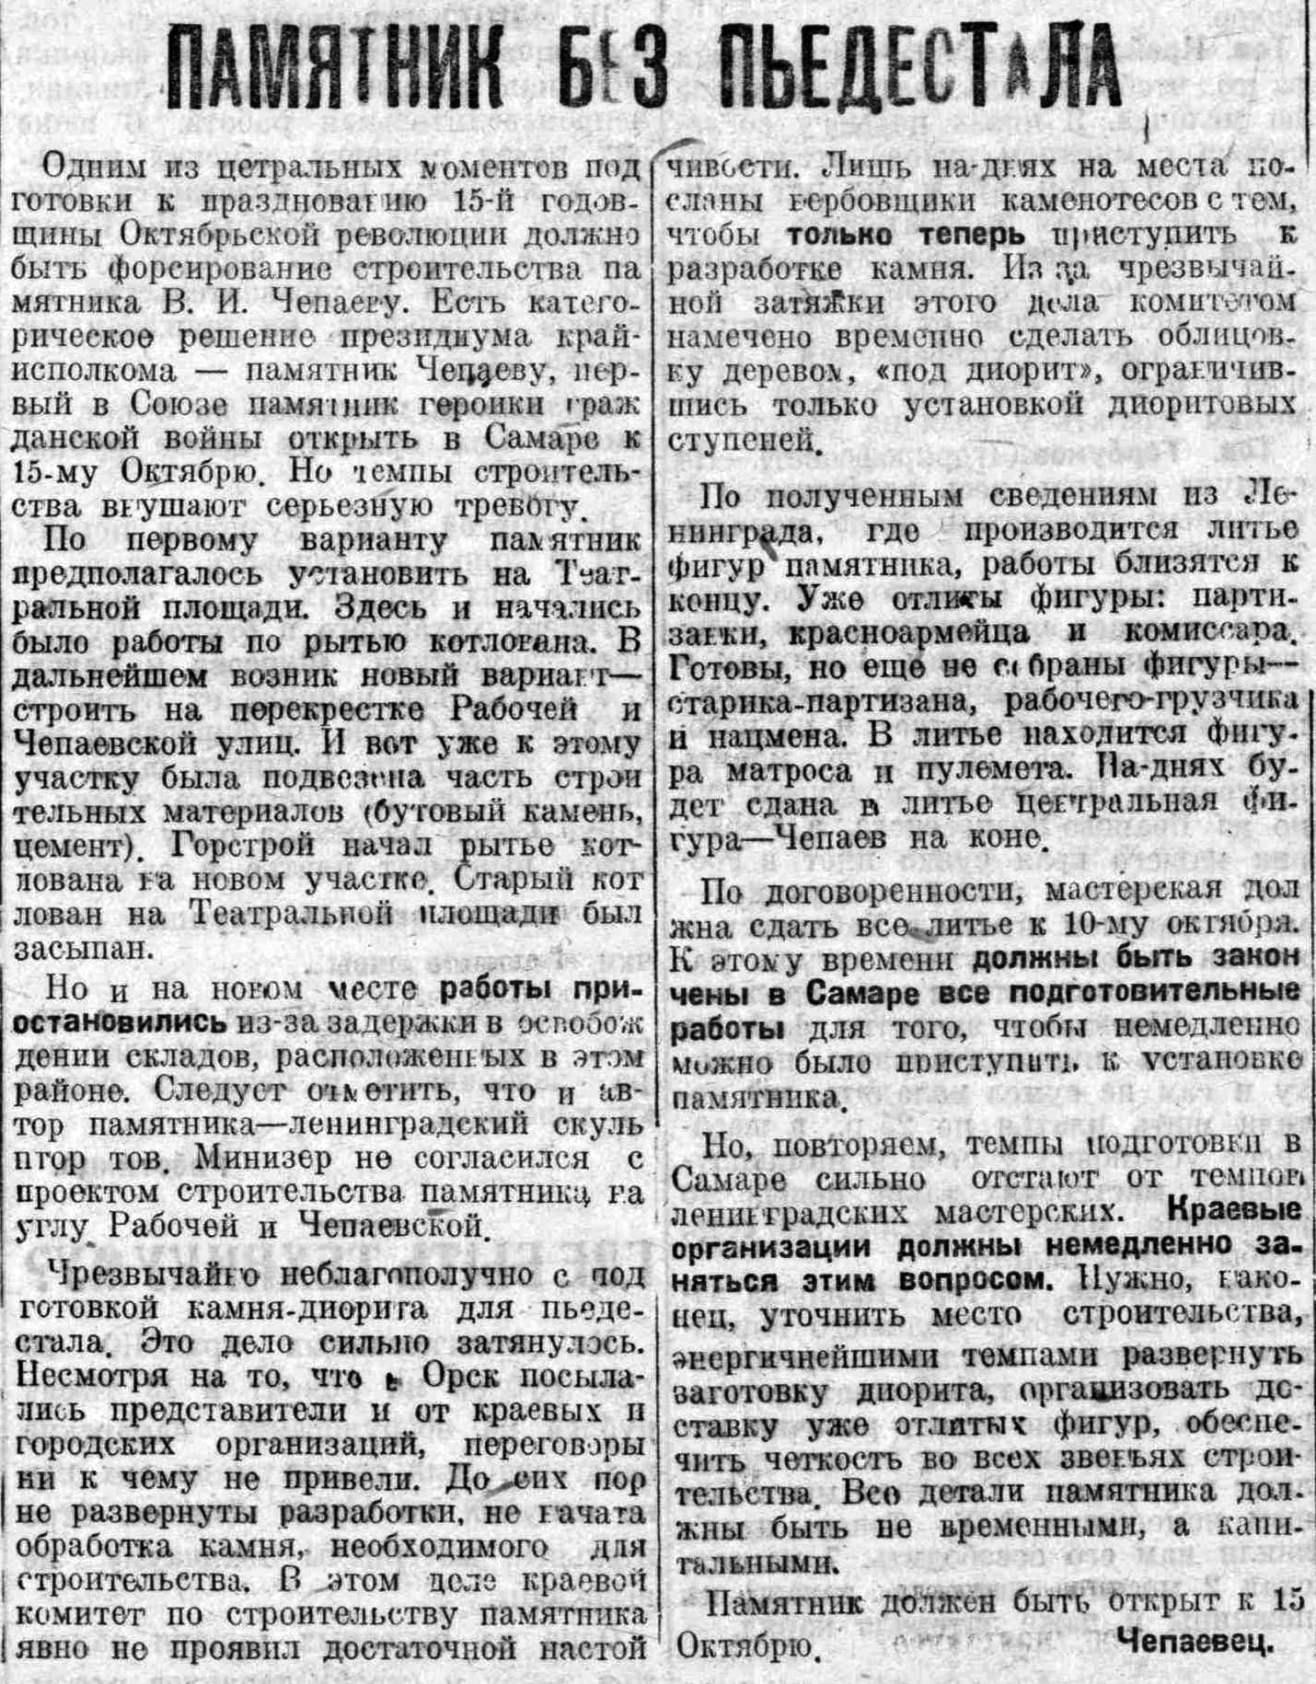 ВКа-1932-08-22-на стр-ве памятника Чапаеву-min